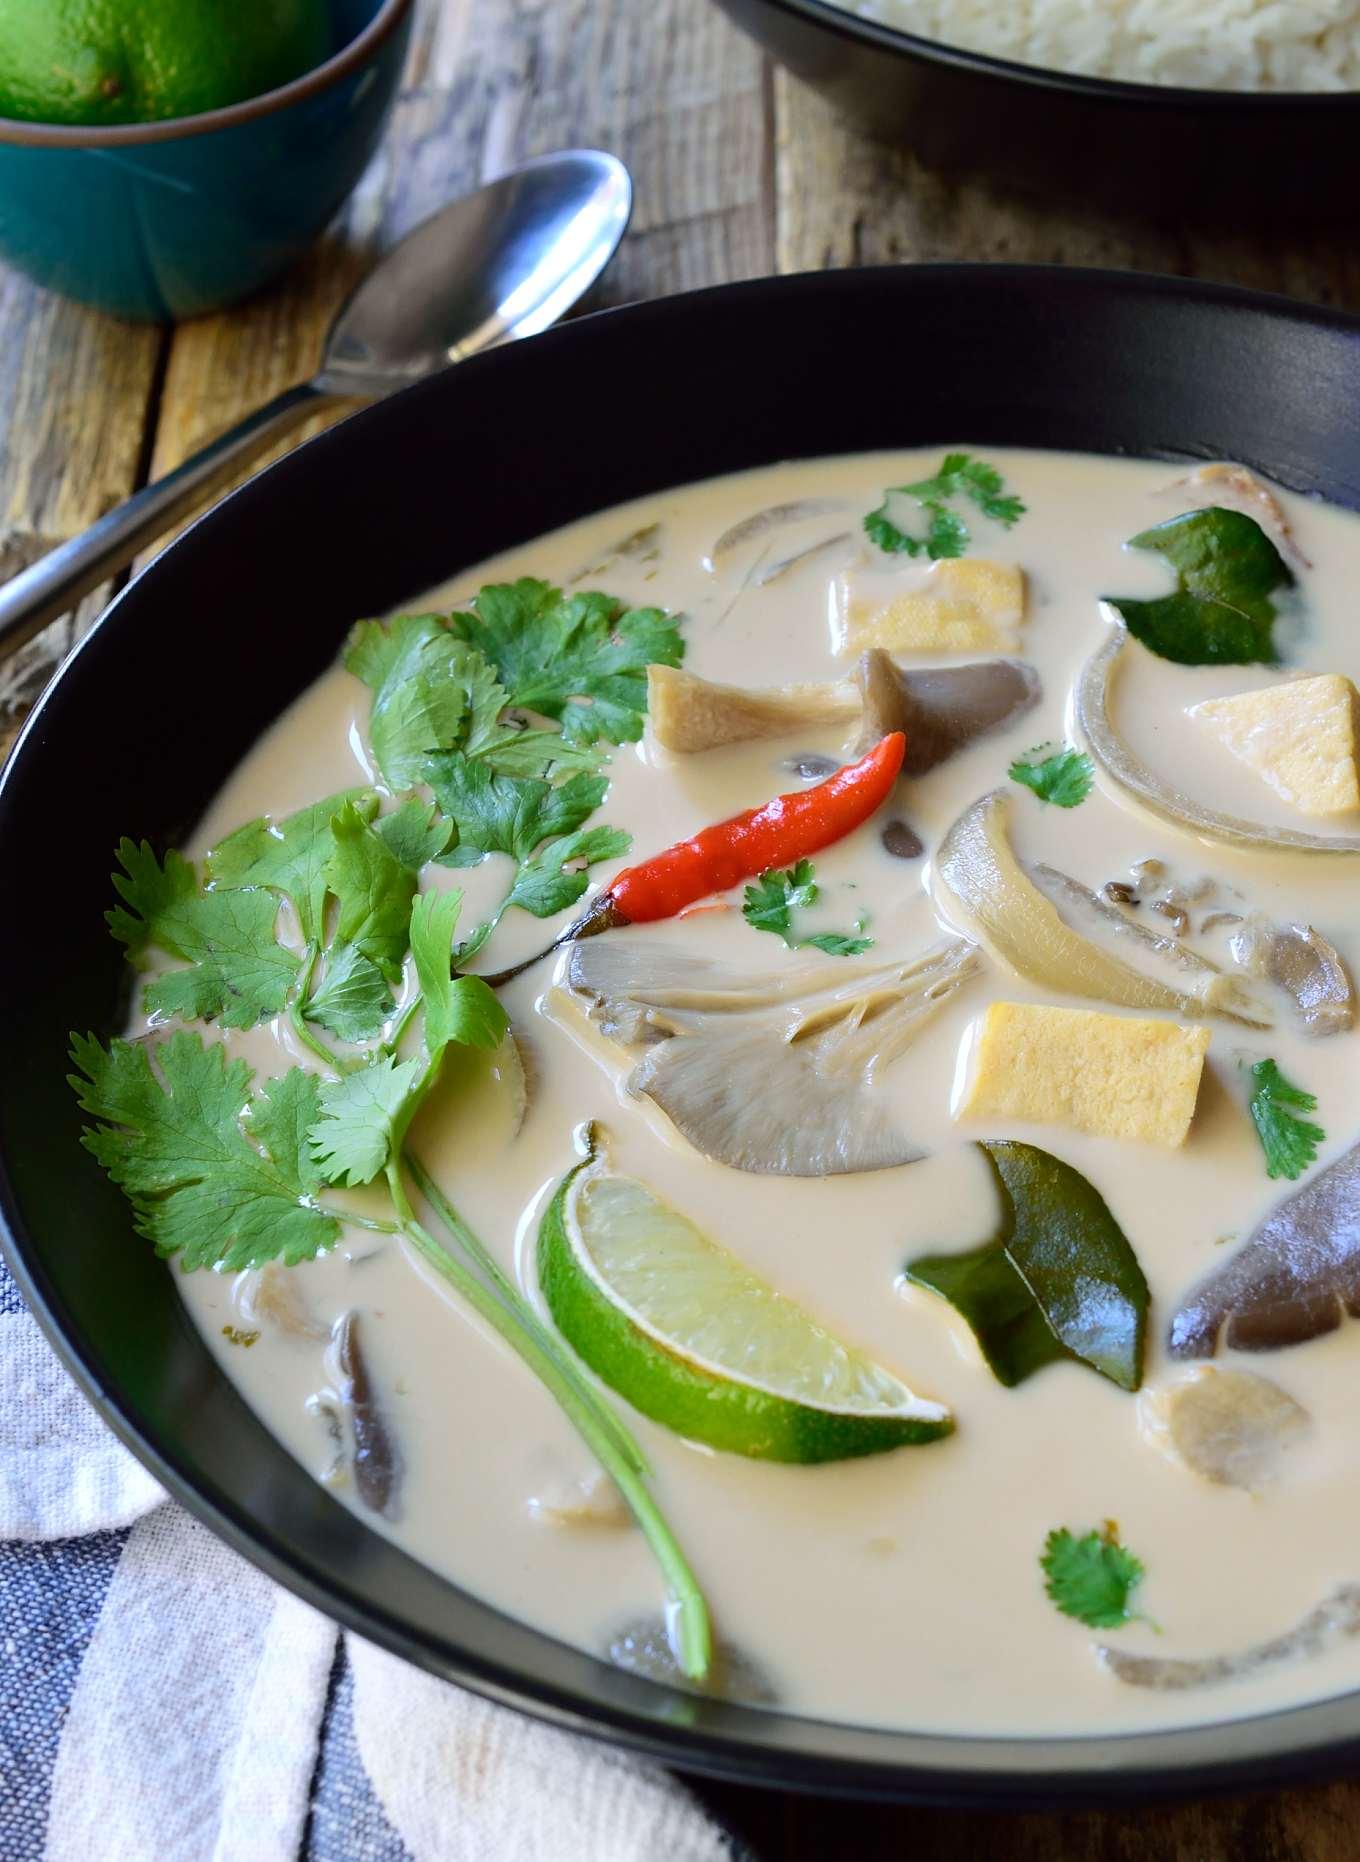 Esta sopa thai de coco es ligera y sabrosa, y es una versión totalmente vegana de Tom Kha Gai – una de las sopas más famosas de Tailandia. Esta sopa tiene el equilibrio perfecto entre ácido, salado, dulce y picante por el que la comida thai es conocida. Y lo mejor de todo? Esta sopa es muy sencilla y está lista en tan sólo 15 minutos!